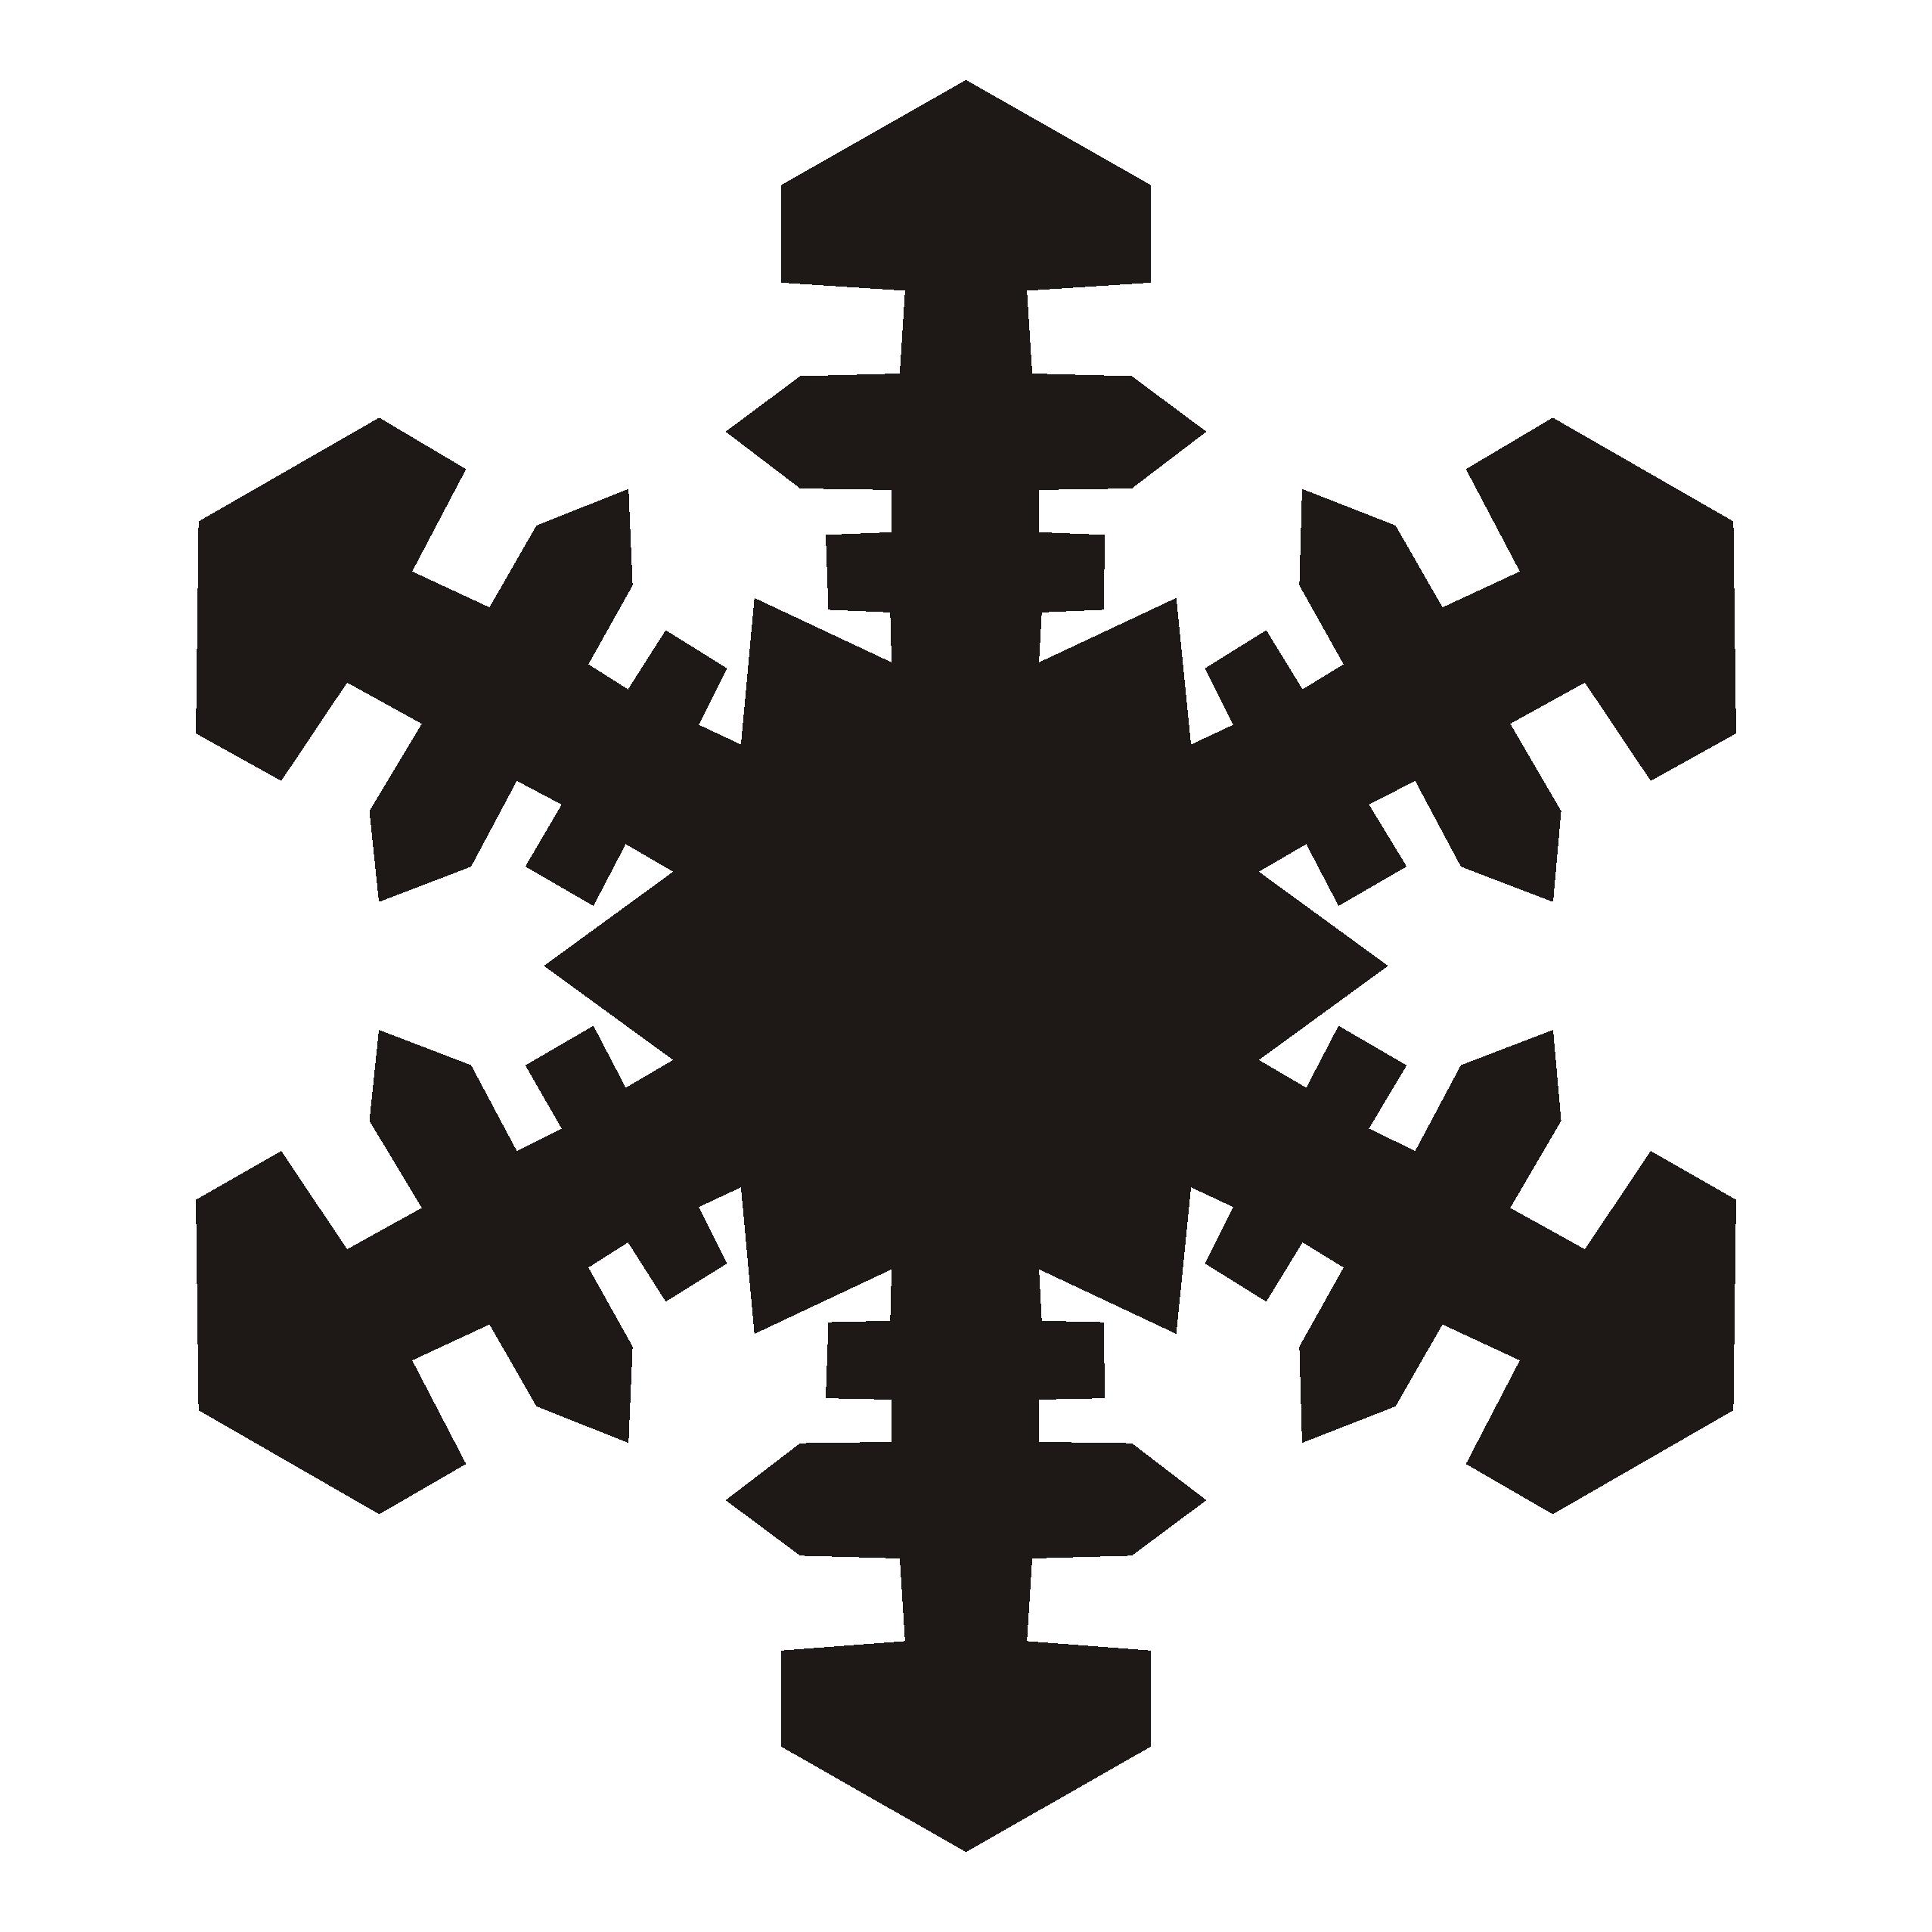 black 20snowflake 20clipart glasgraveren pinterest snowflakes rh pinterest com snowflakes clip art borders snowflakes clip art borders